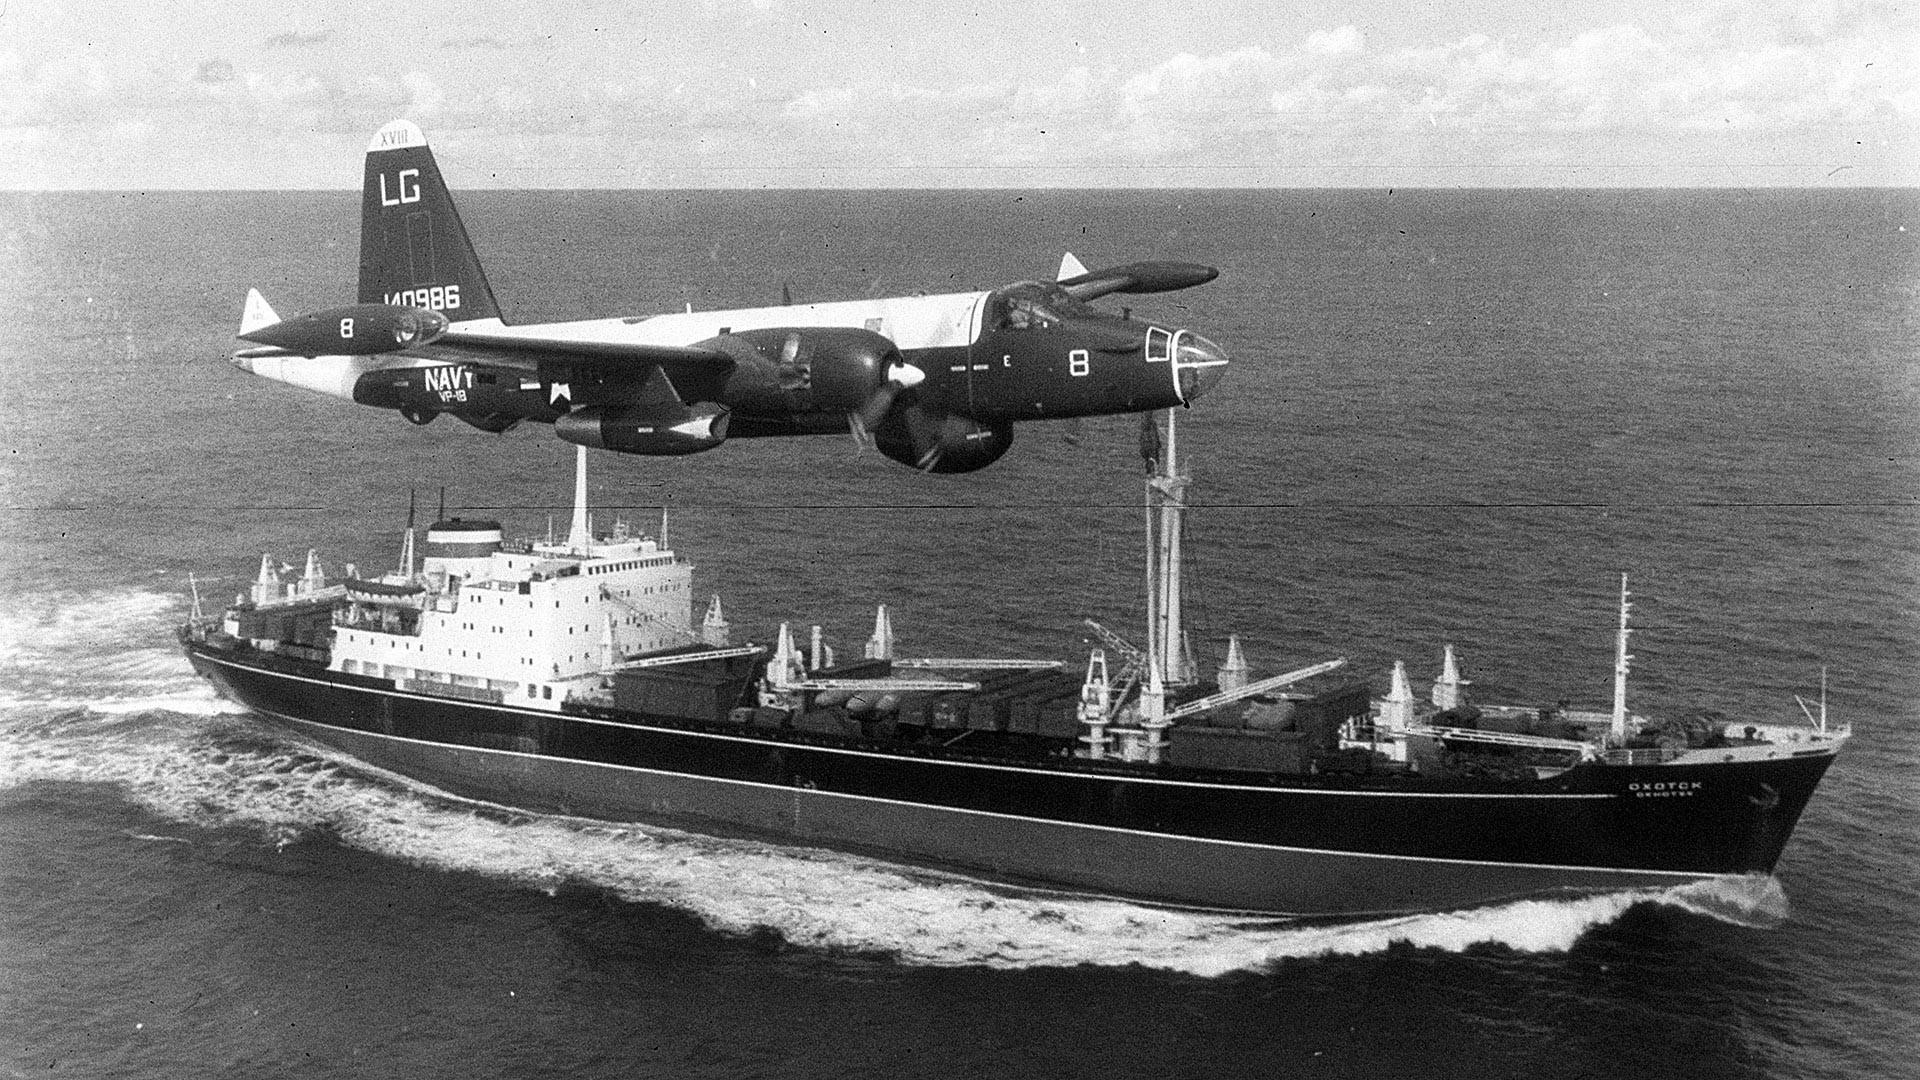 Un aereo di pattuglia statunitense P2V Nettuno sorvola un cargo sovietico durante la crisi dei missili di Cuba